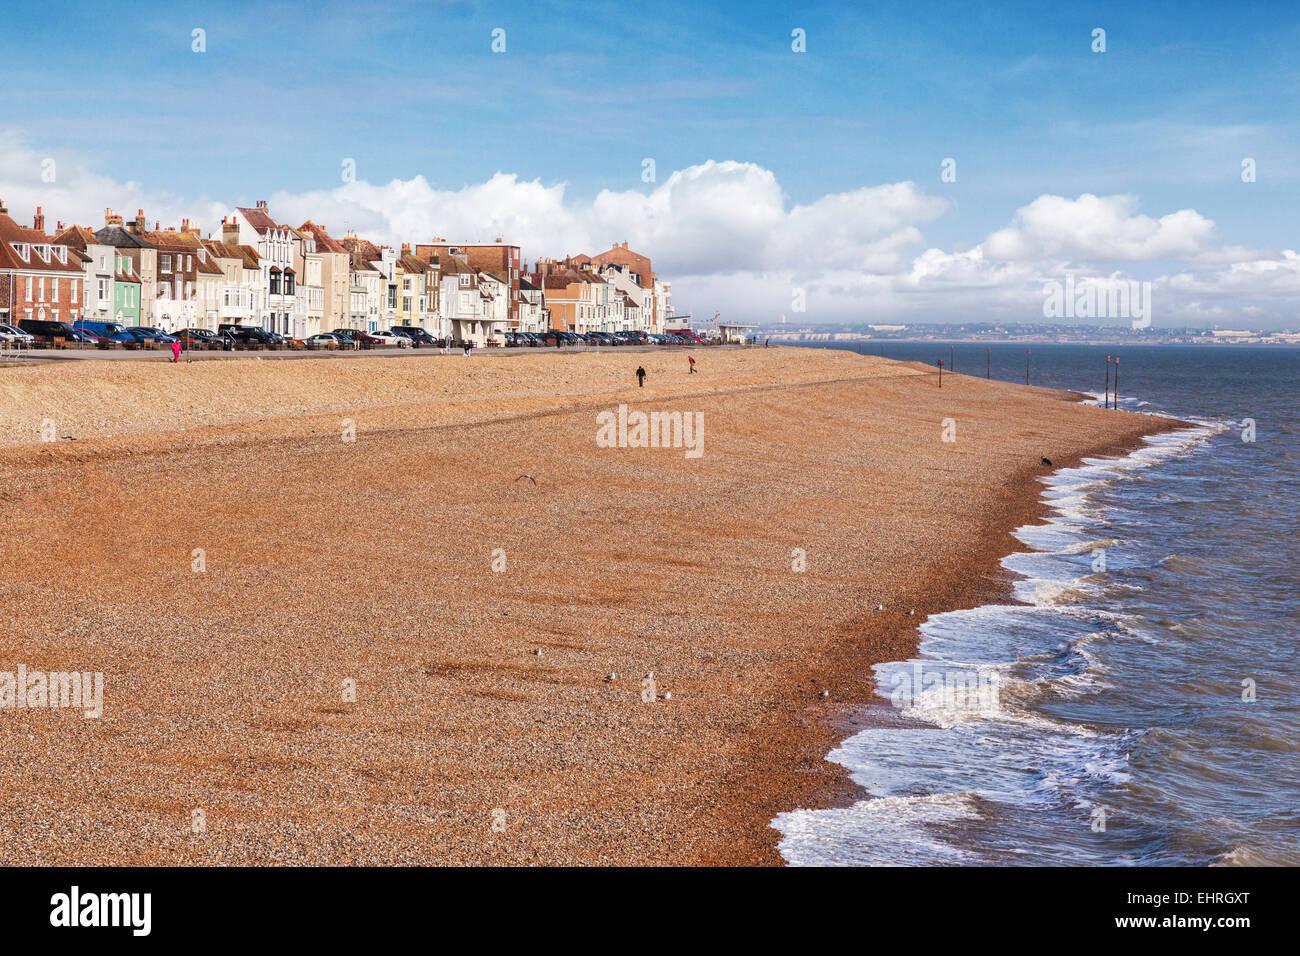 La spiaggia di trattativa, Kent, Inghilterra, Regno Unito. Immagini Stock